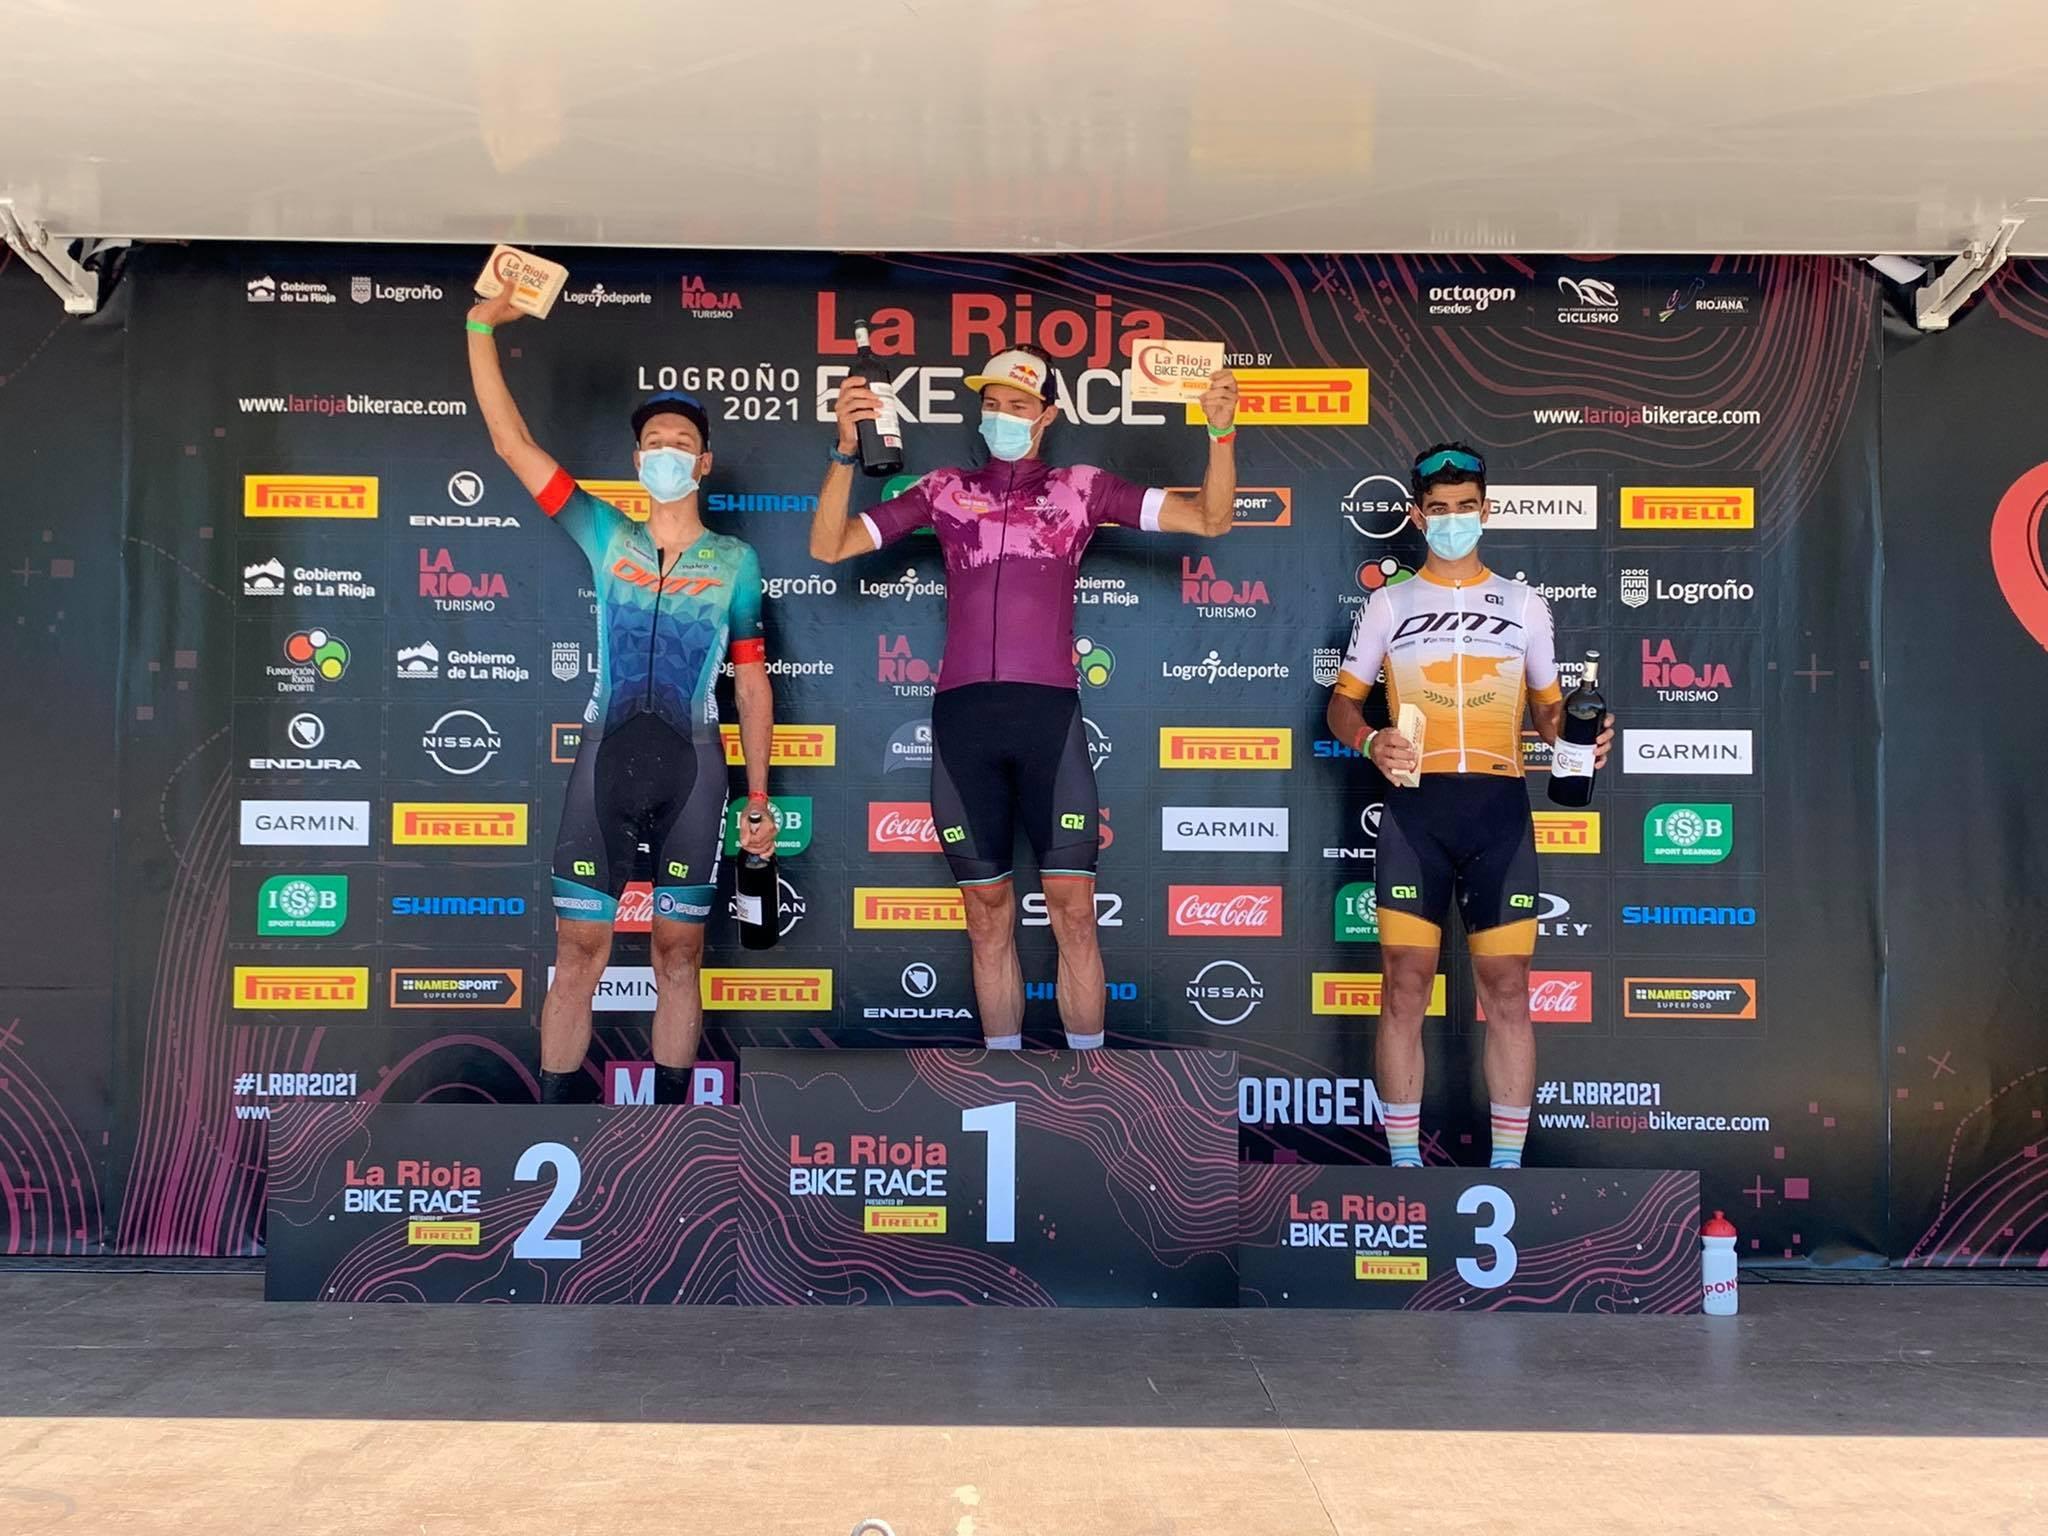 Wout Alleman en ploegmaten doen het uitstekend in de La Rioja Bike race